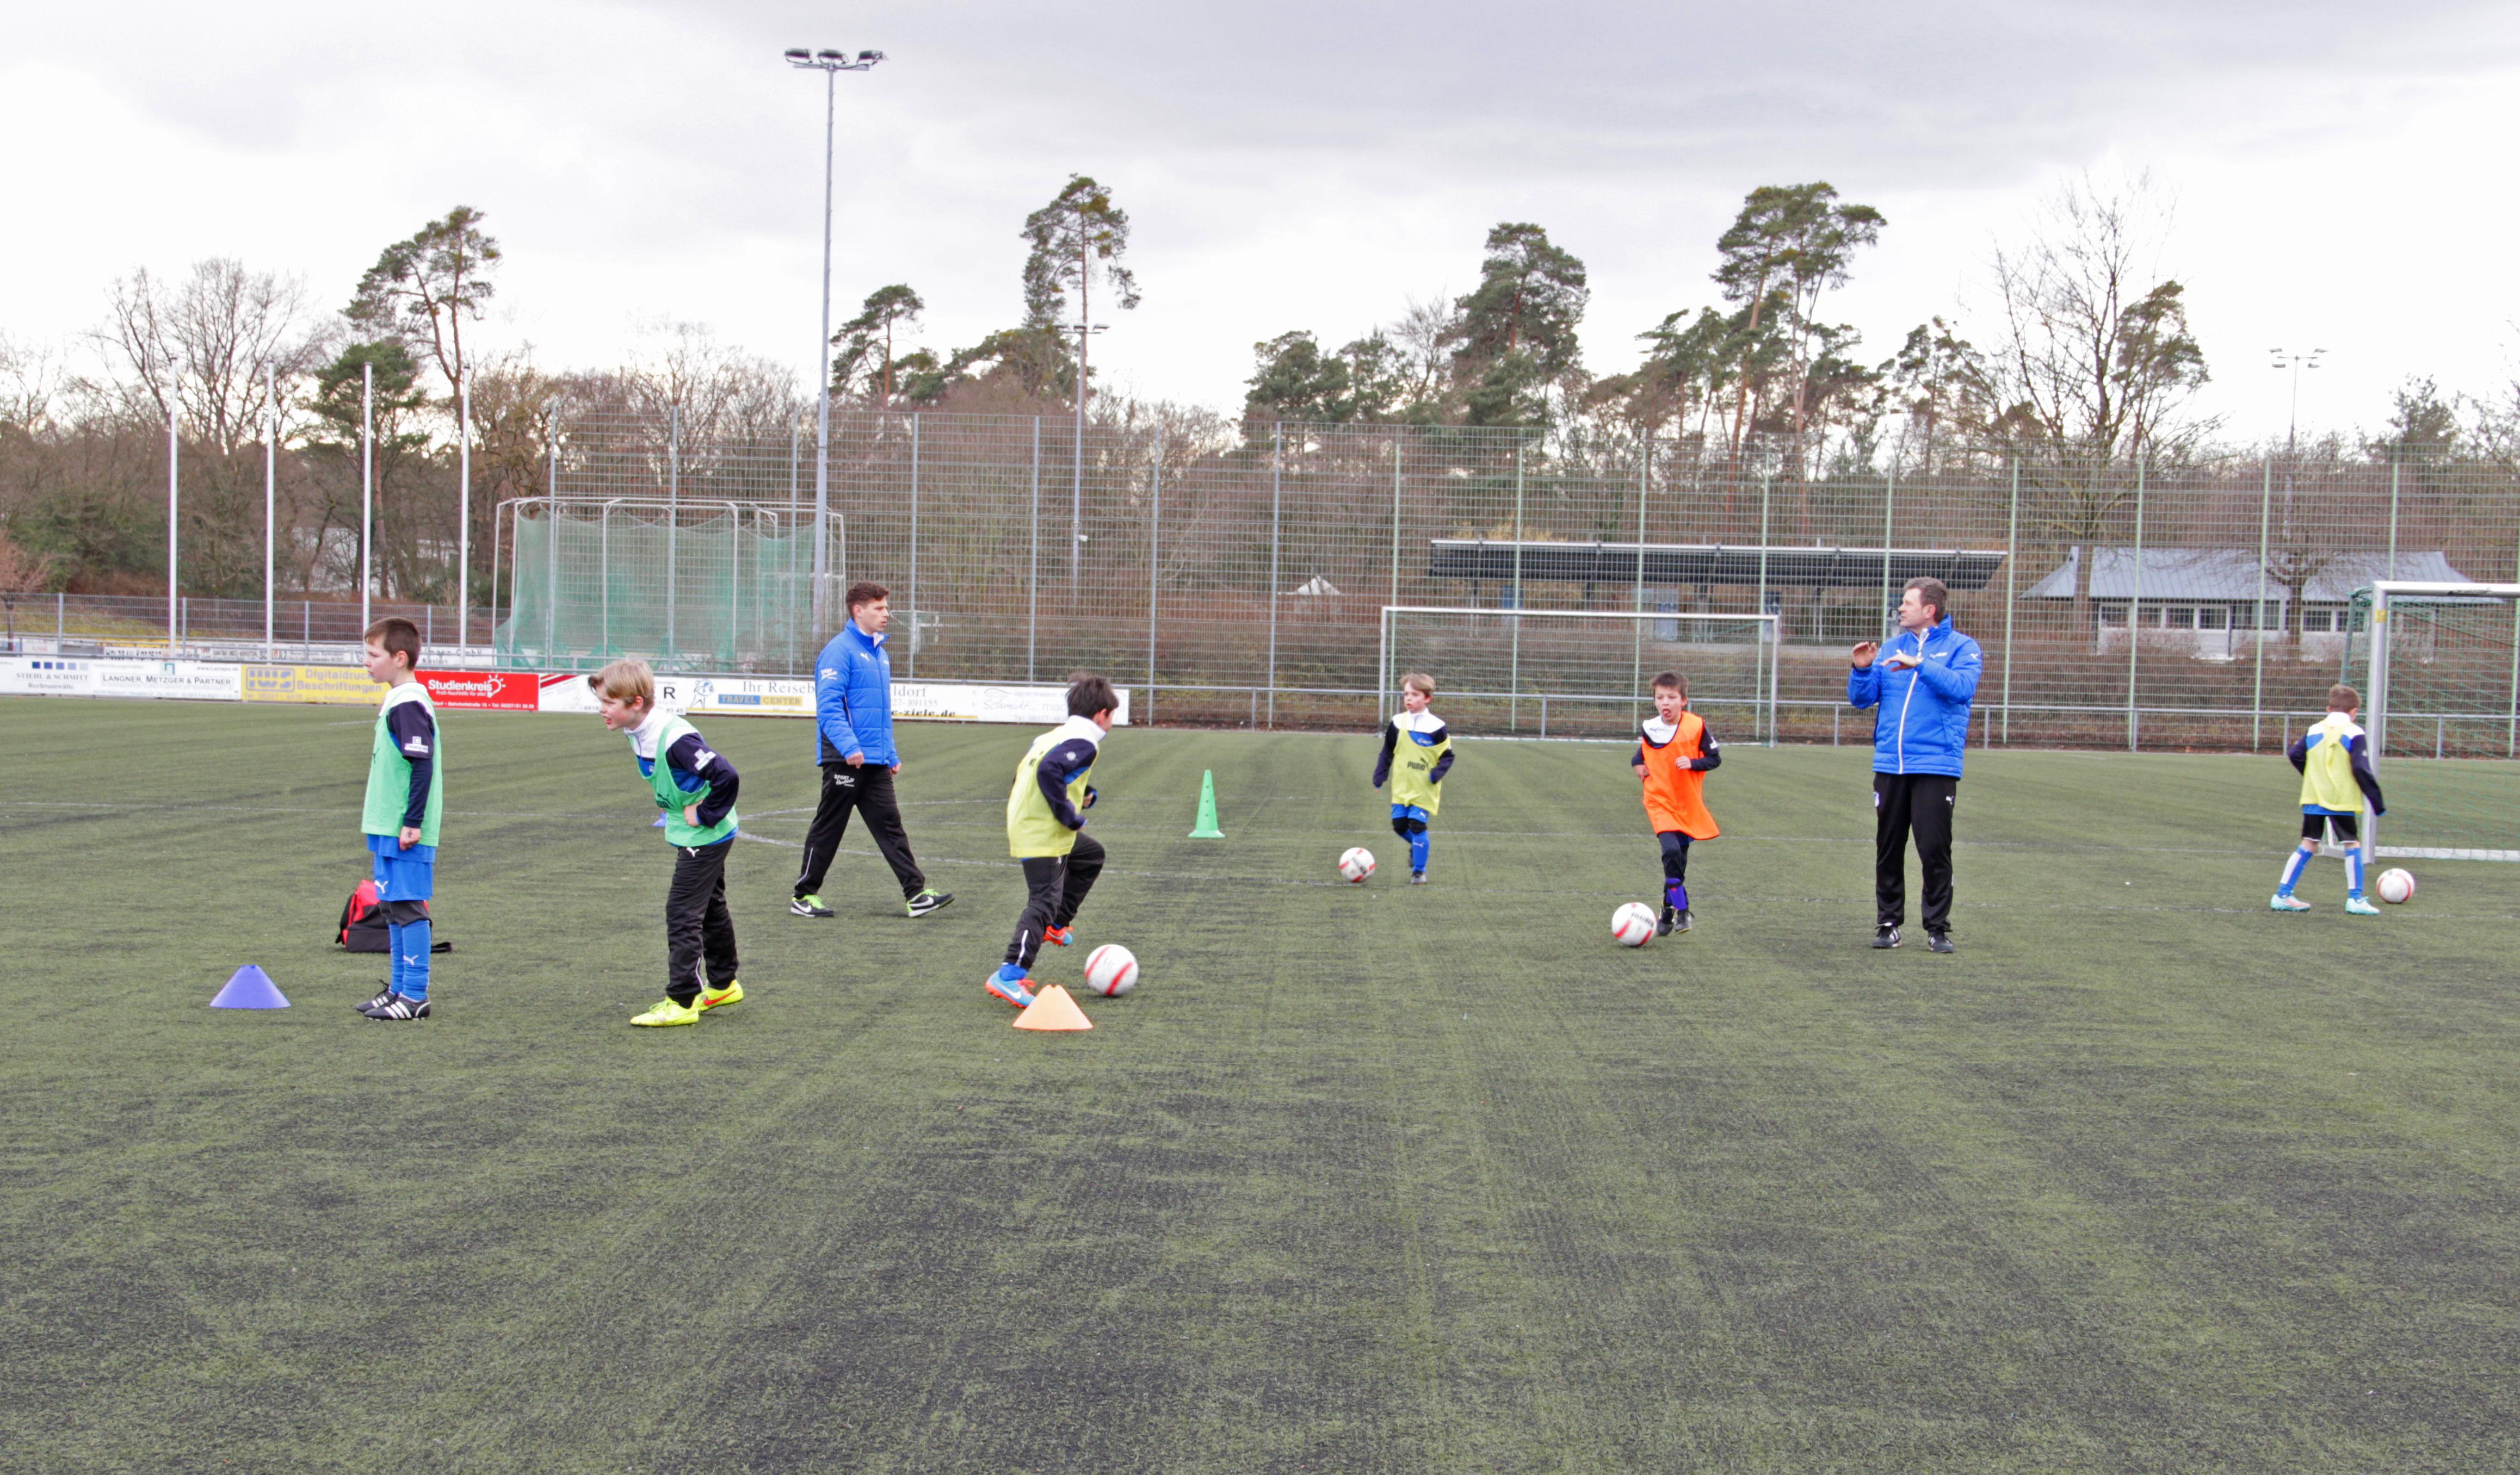 2015-03-04_Besuch_Essenpreis_Fussballschule_1